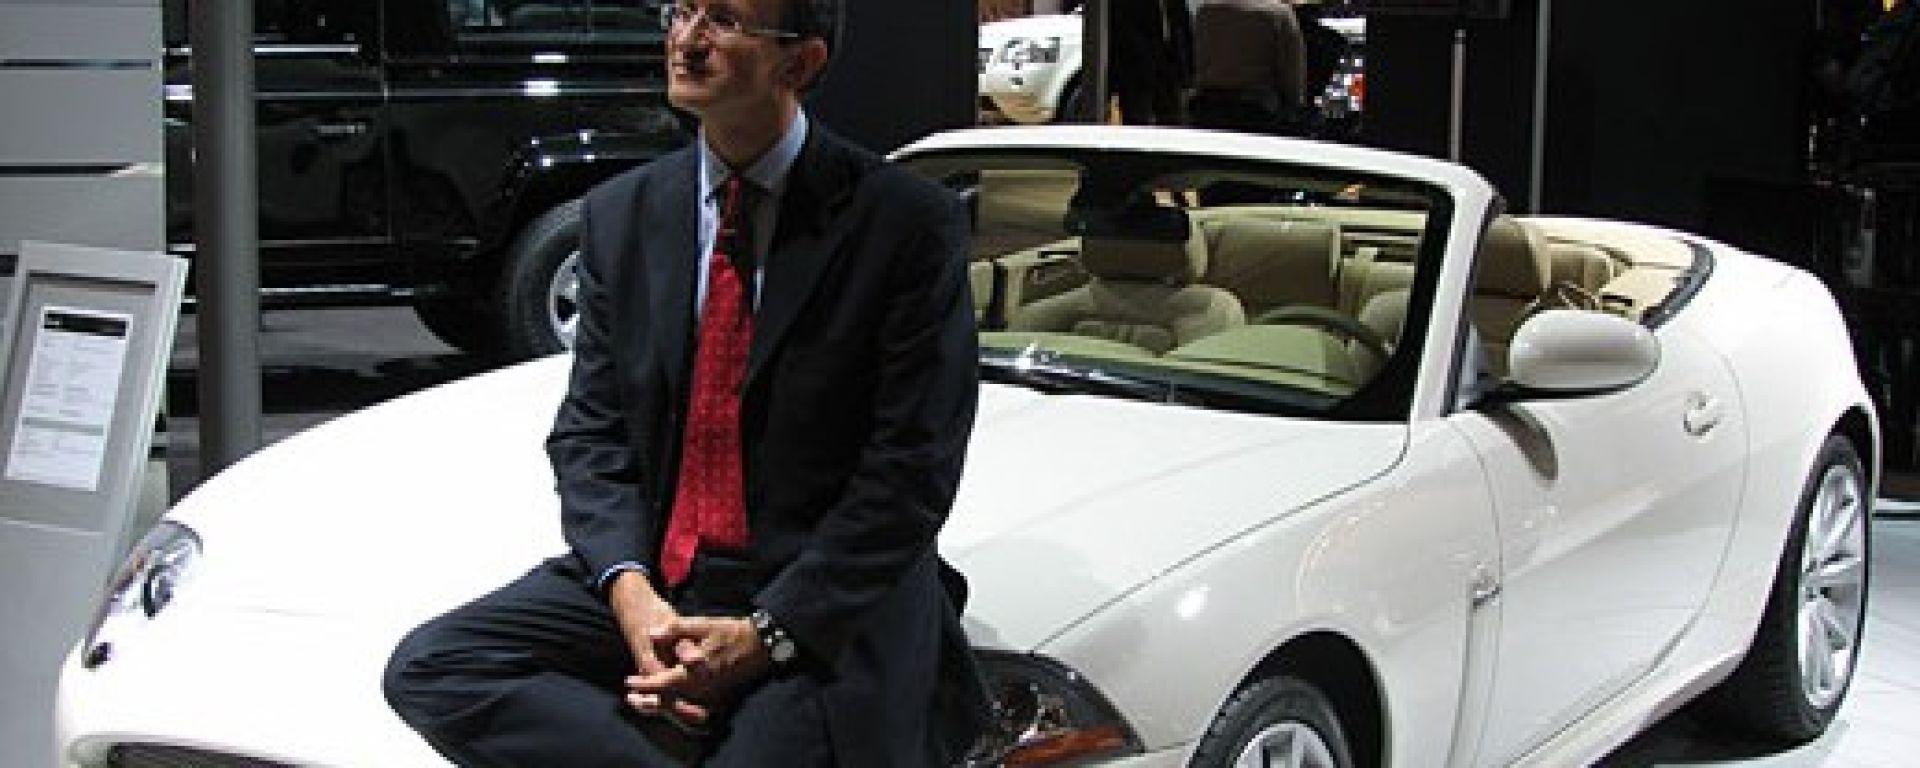 Motorshow 2008 - Gallery 5